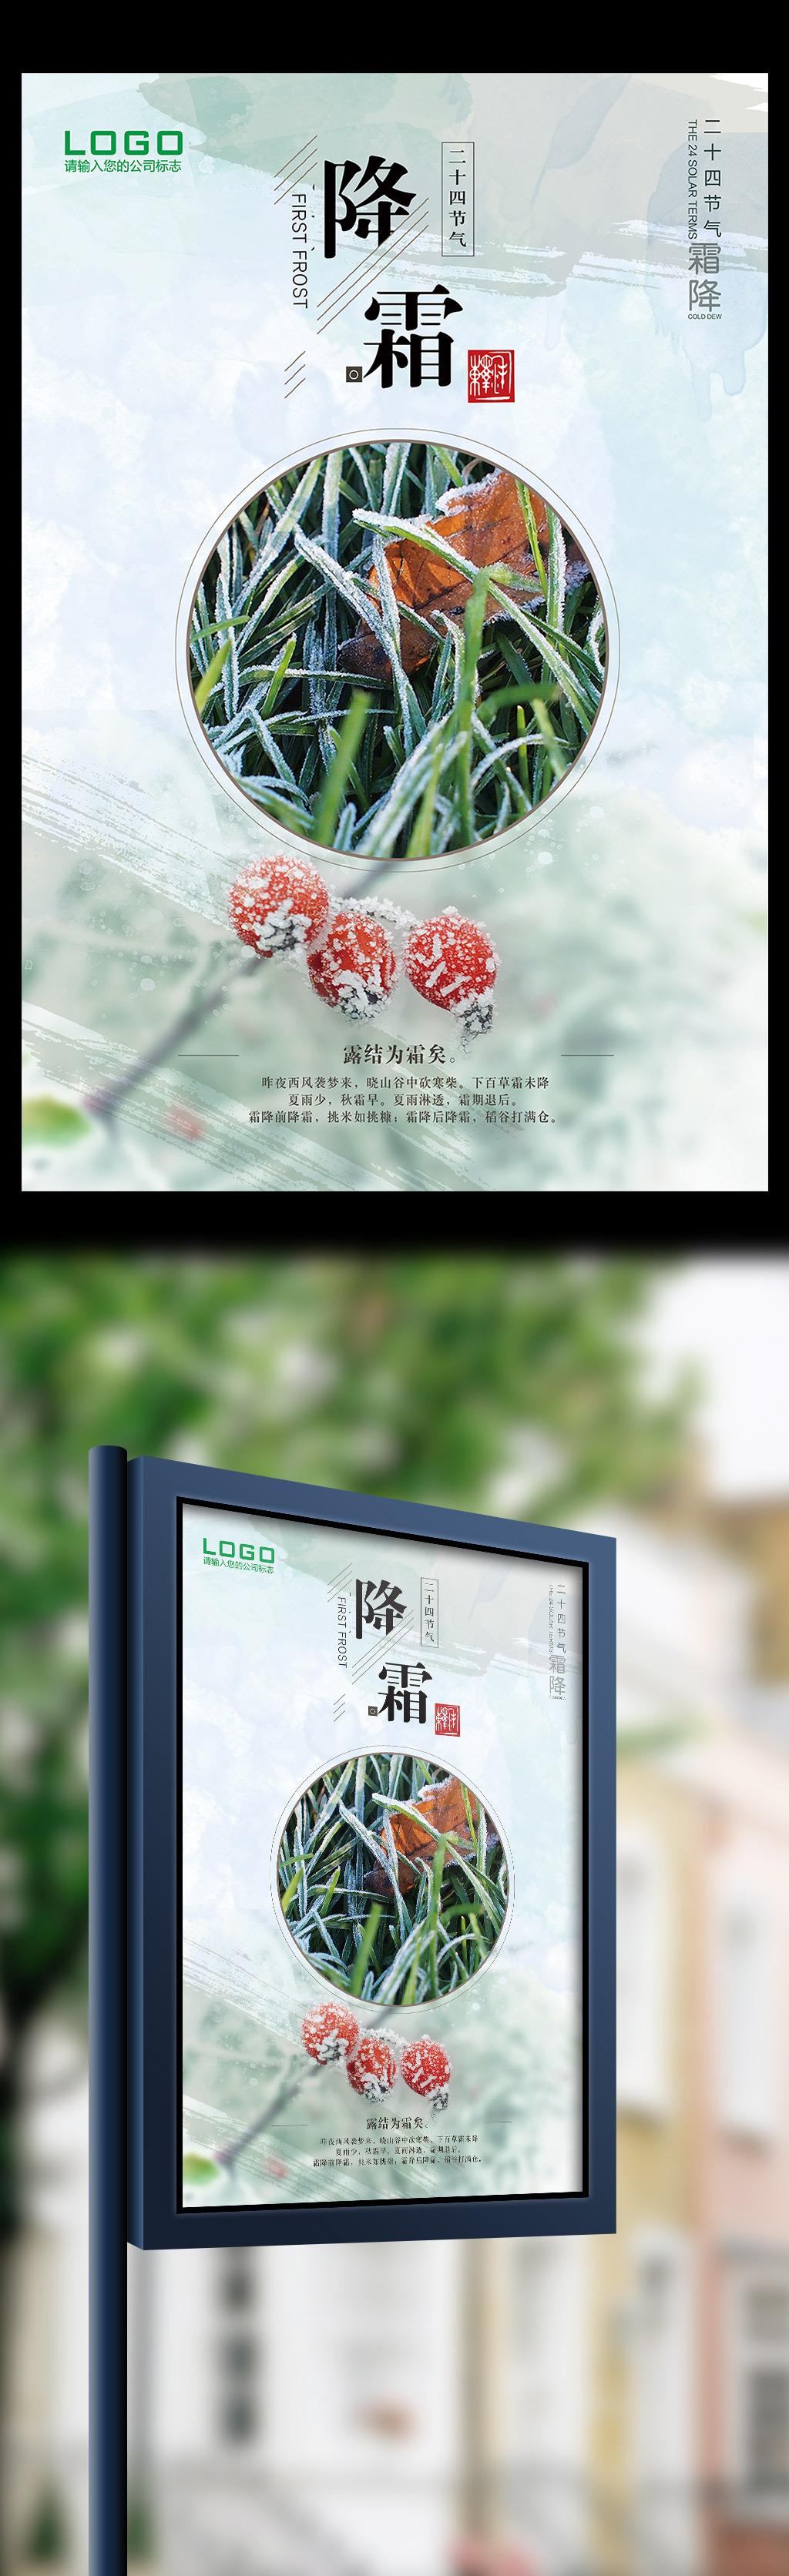 通达信江恩24节气图-二十四节气降霜海报图片设计素材 高清PSD模板下载 122.45MB QQ58